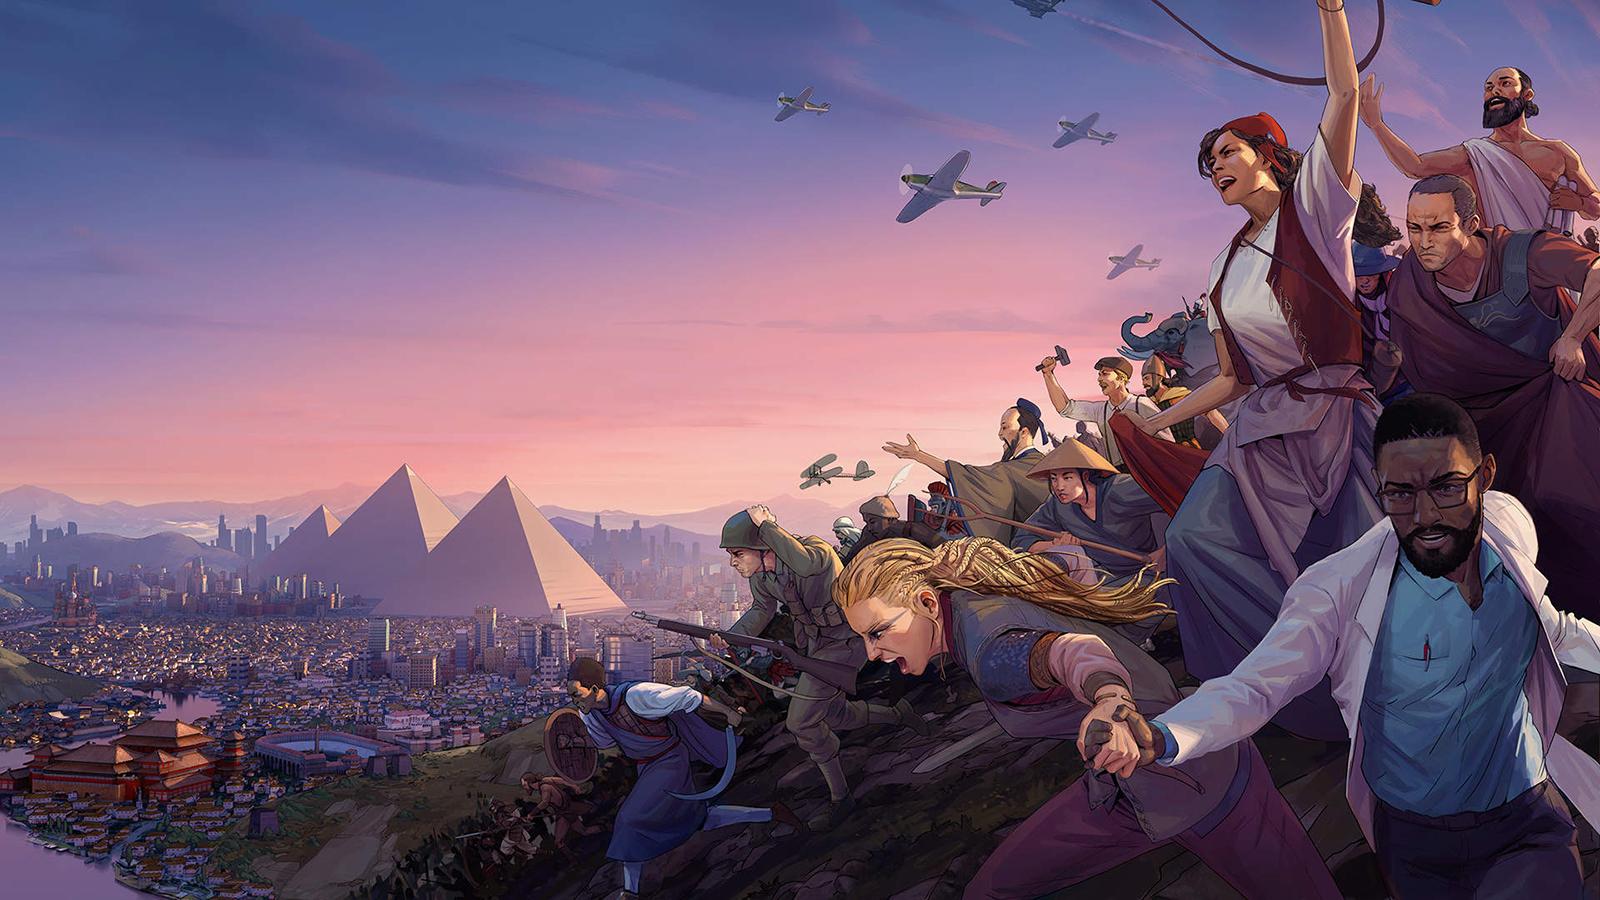 策略游戲為什么不能反映文化的演變和融合?現在,挑戰者來了